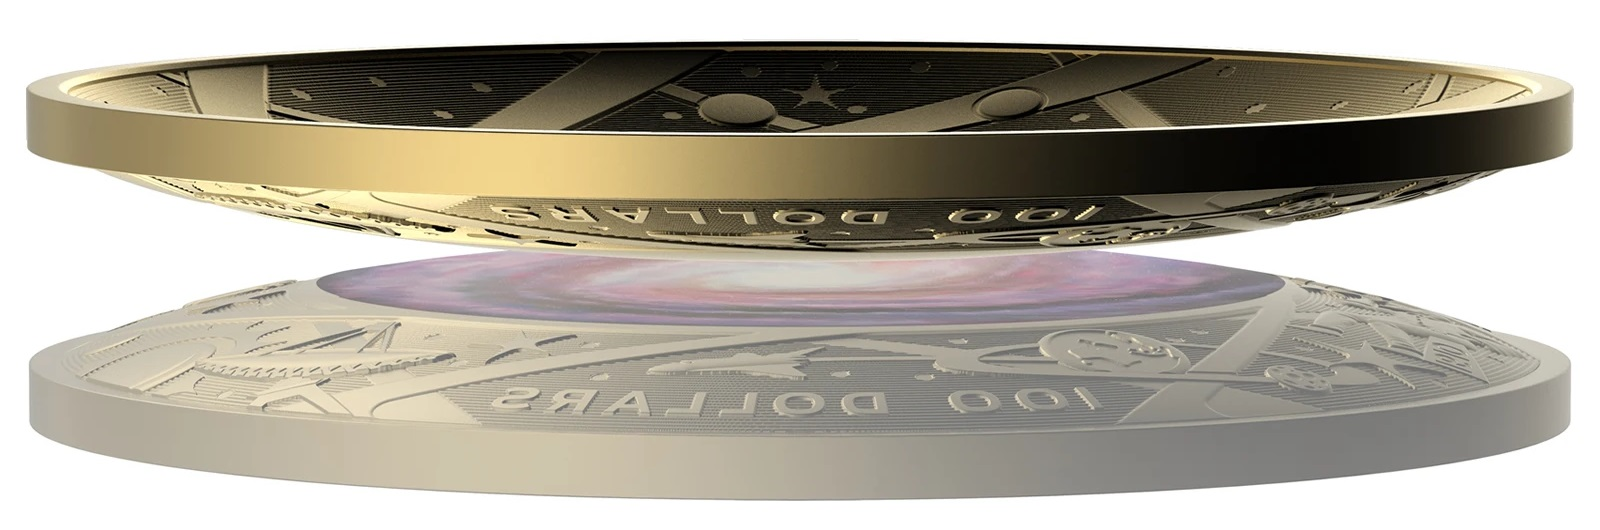 Австралия монета 100 долларов Млечный путь, вид сбоку